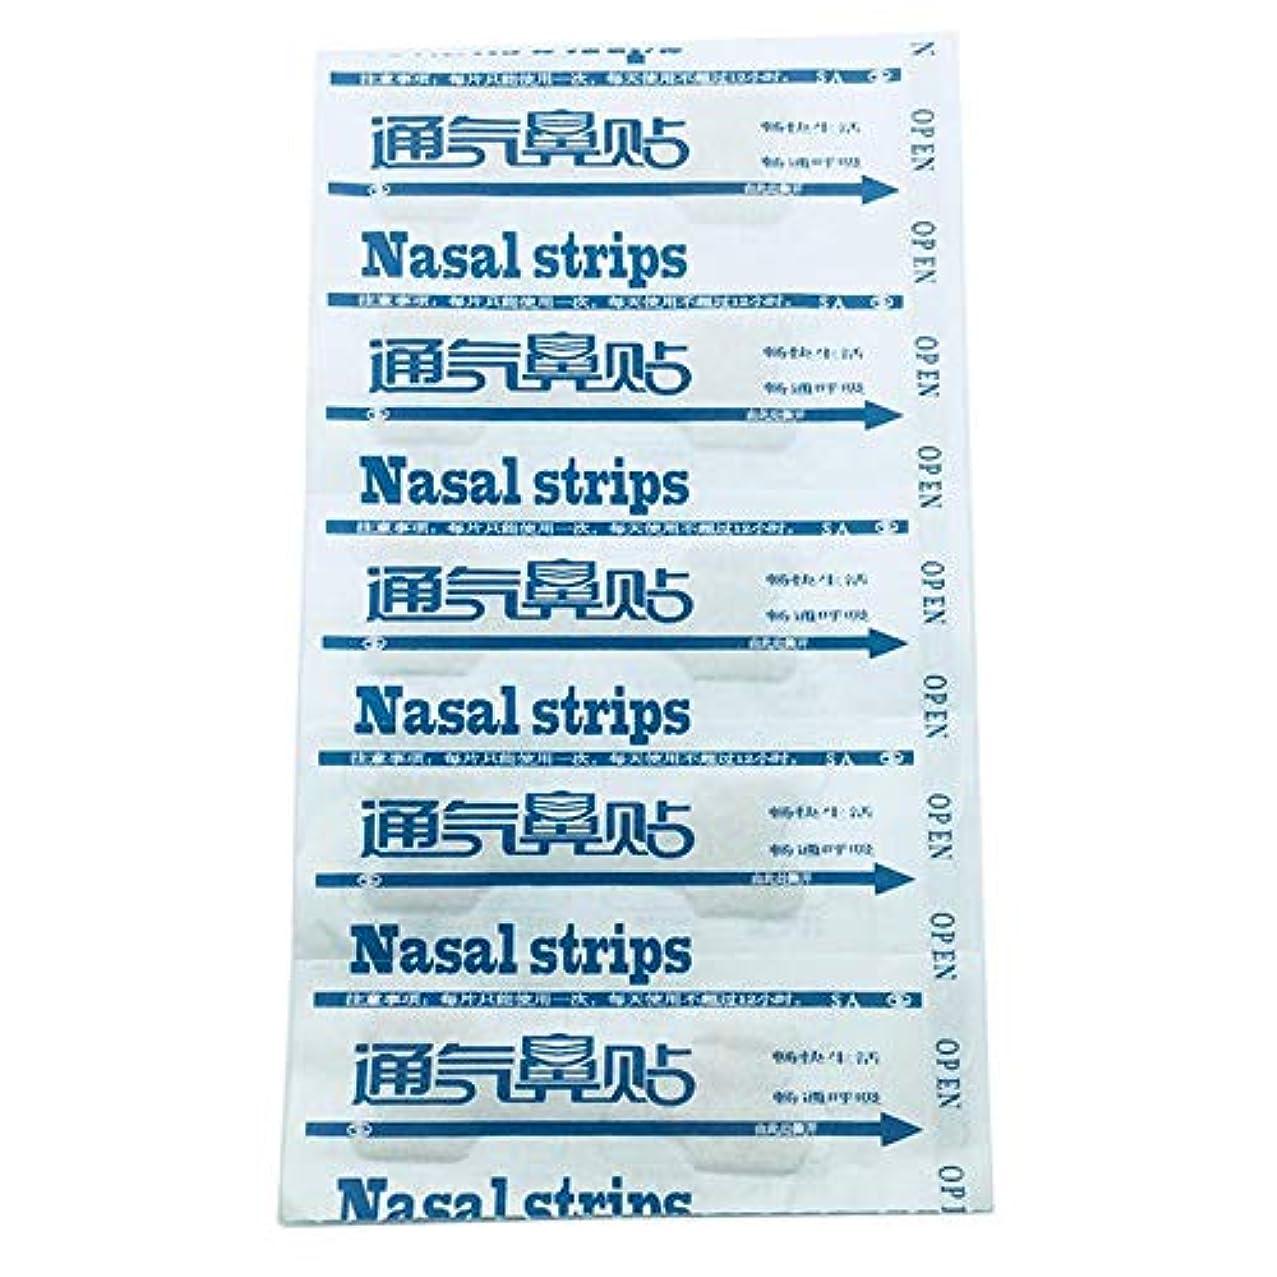 余計なちなみに最終的にNOTE 50ピース抗いびき睡眠鼻ストリップ停止いびき簡単いびきストッパーストリップ鼻パッチヘルスケアキット